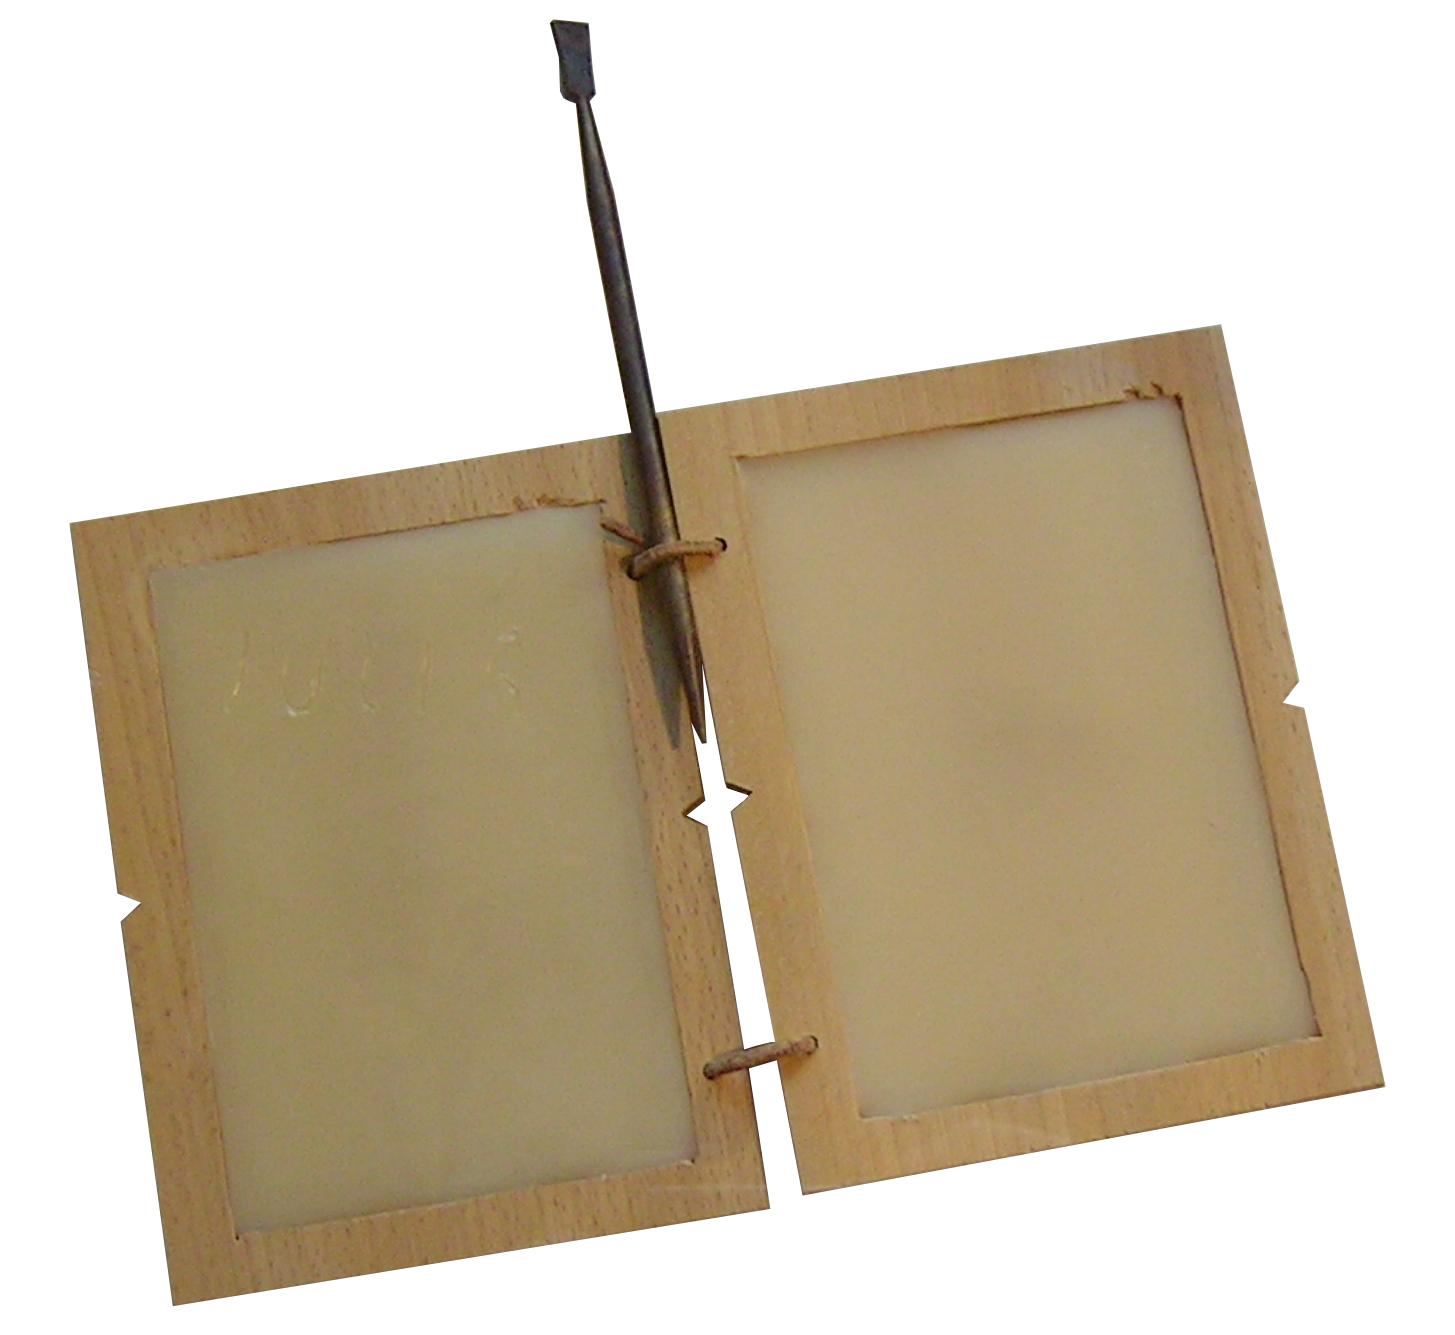 Rekonstrukcja rzymskiego dyptyku, który tworzą dwie połączone ze sobą drewniane tabliczki Rekonstrukcja rzymskiego dyptyku, który tworzą dwie połączone ze sobą drewniane tabliczki Źródło: Sippel2707, Wikimedia Commons, licencja: CC BY-SA 3.0.